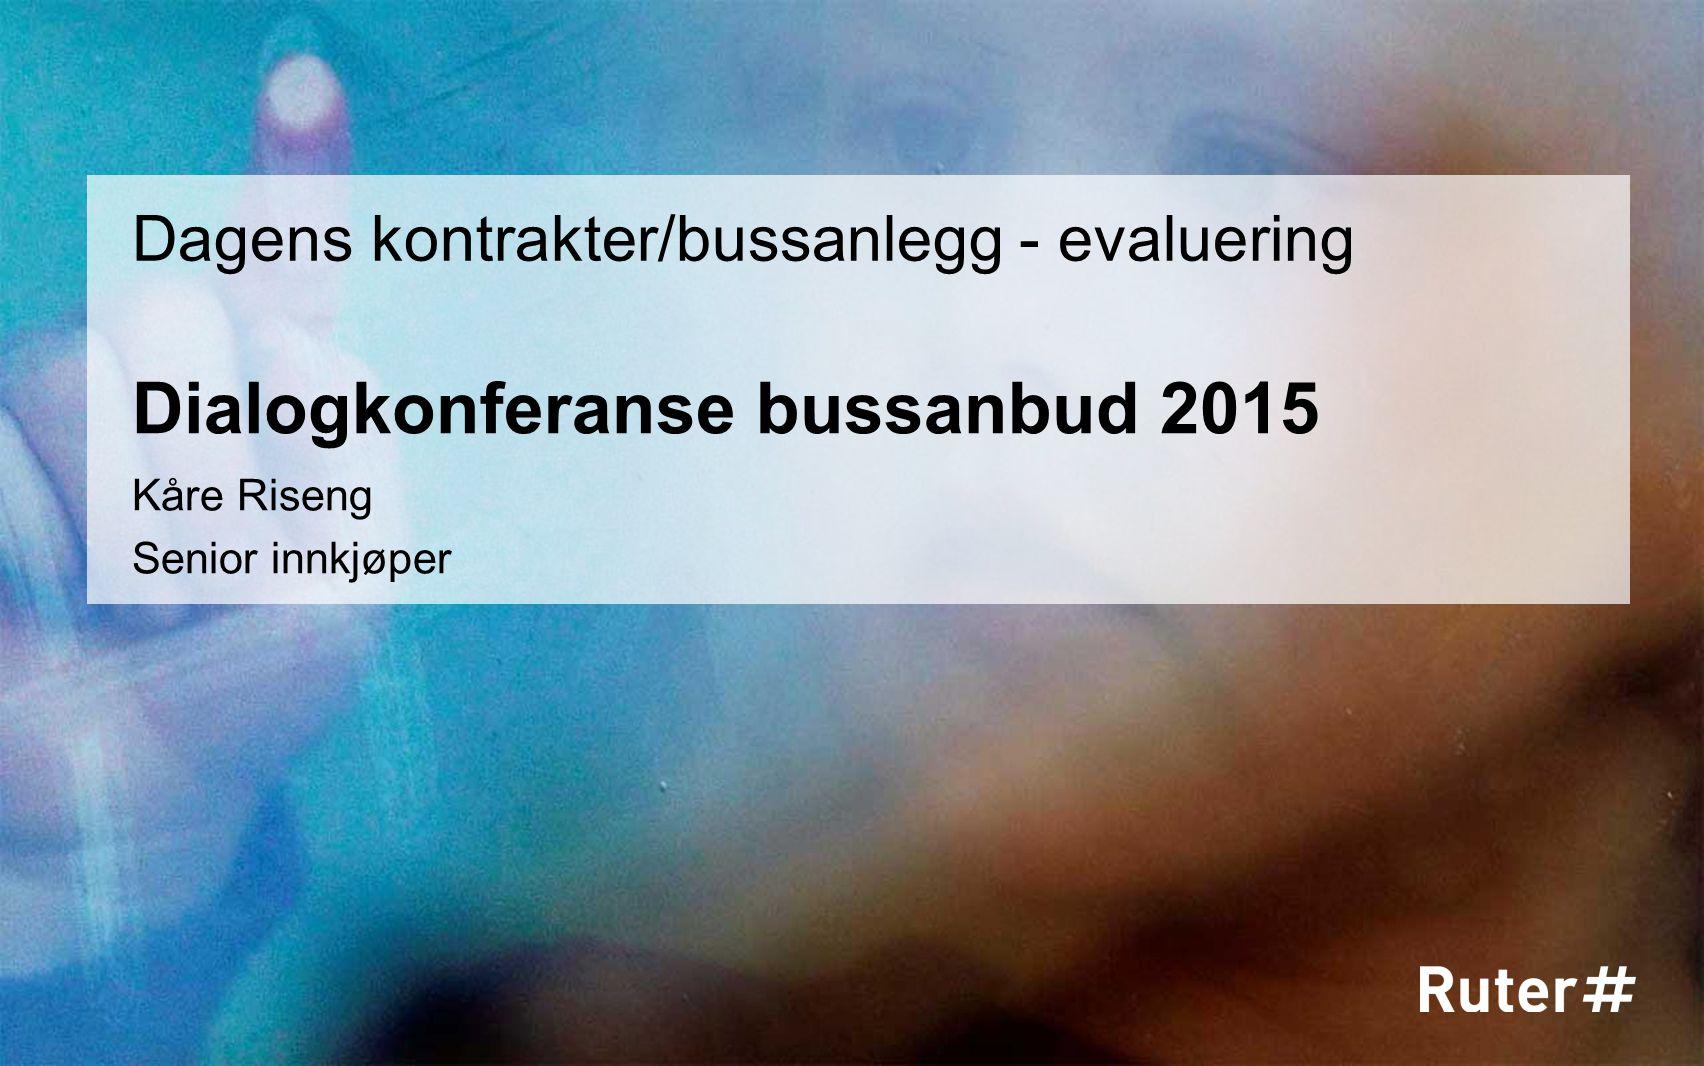 Dialogkonferanse bussanbud 2015 Dagens kontrakter/bussanlegg - evaluering Kåre Riseng Senior innkjøper